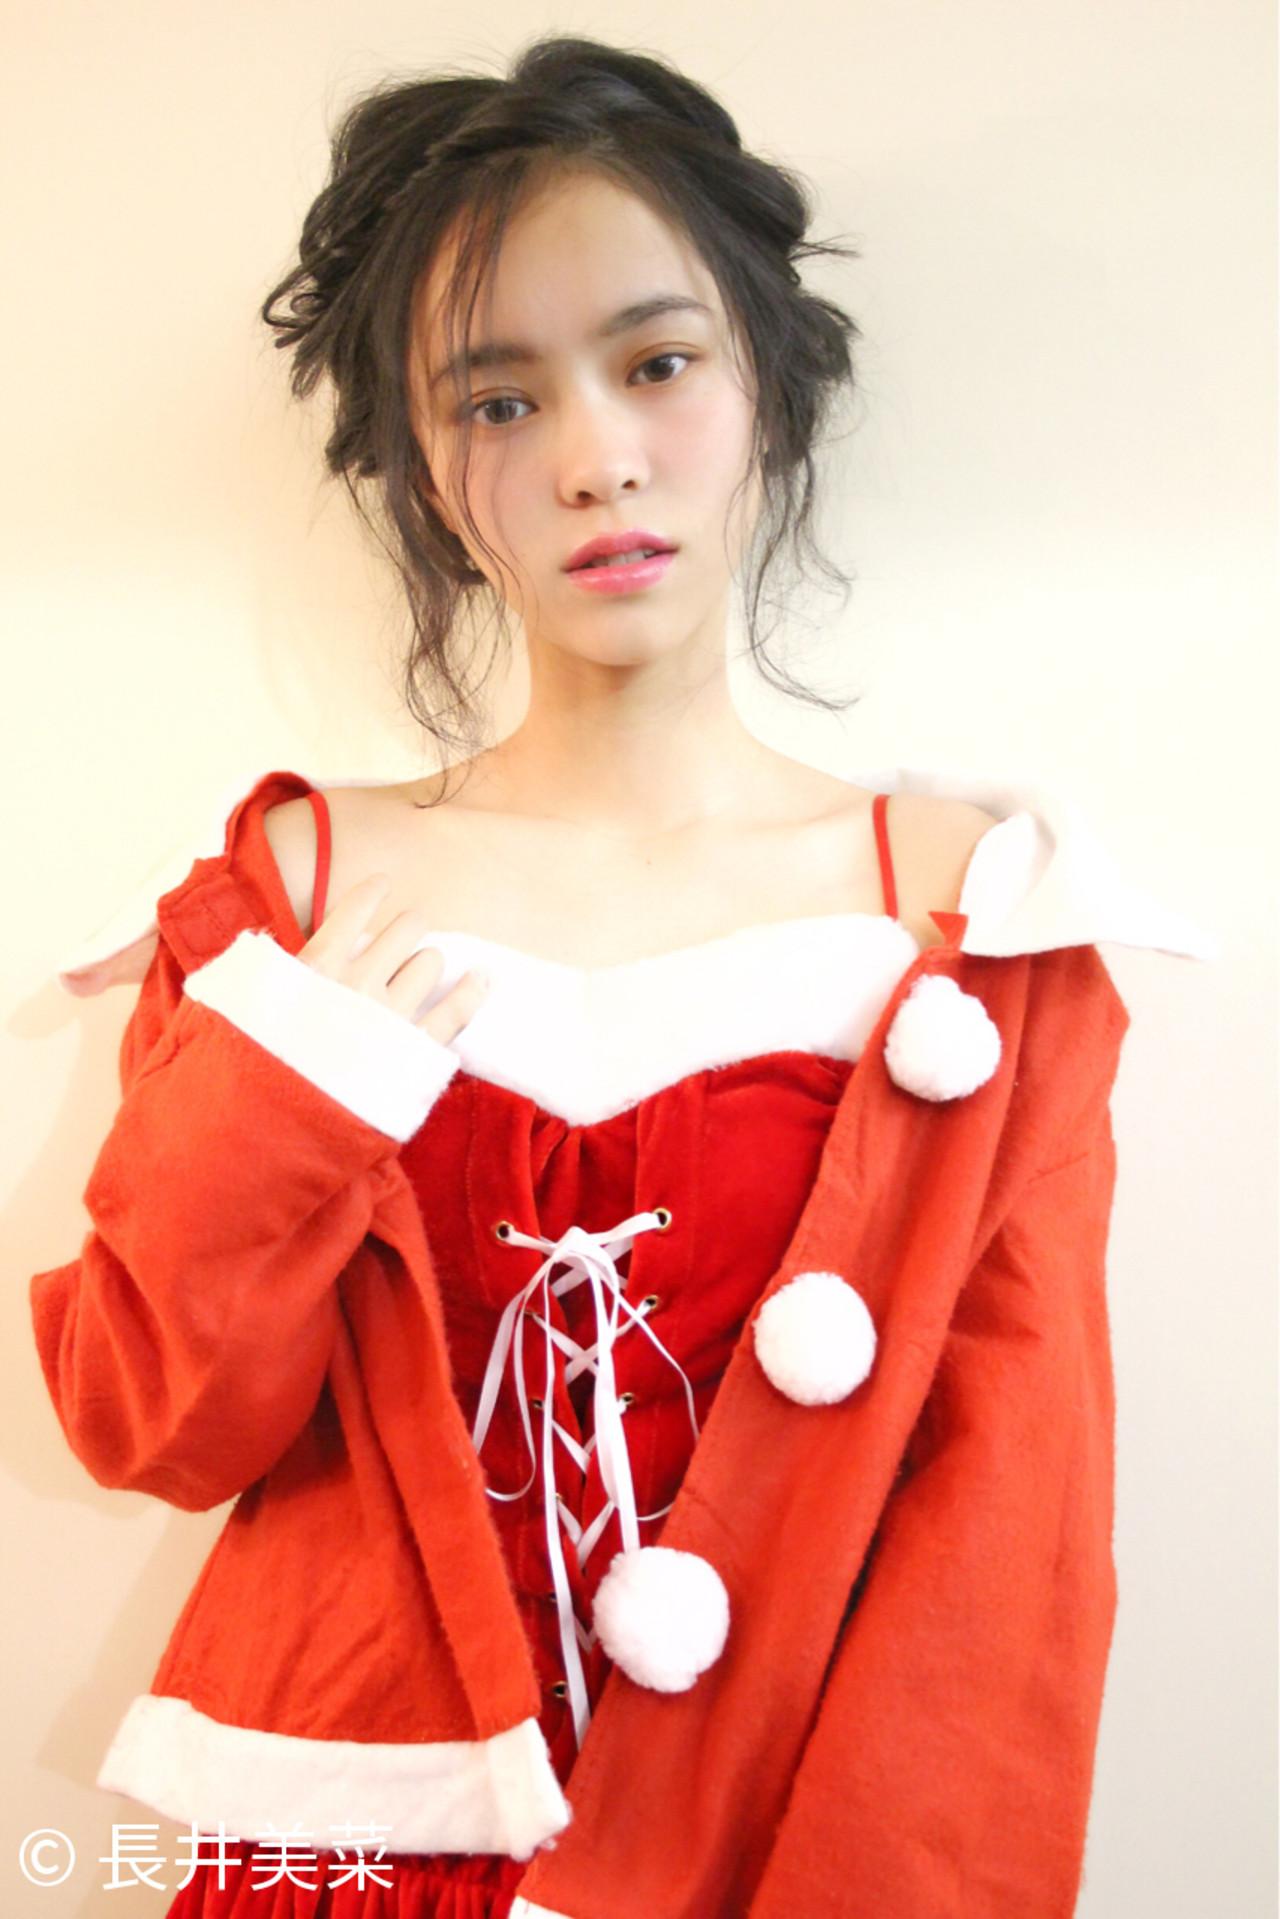 ヘアアレンジ 大人女子 小顔 ミディアム ヘアスタイルや髪型の写真・画像